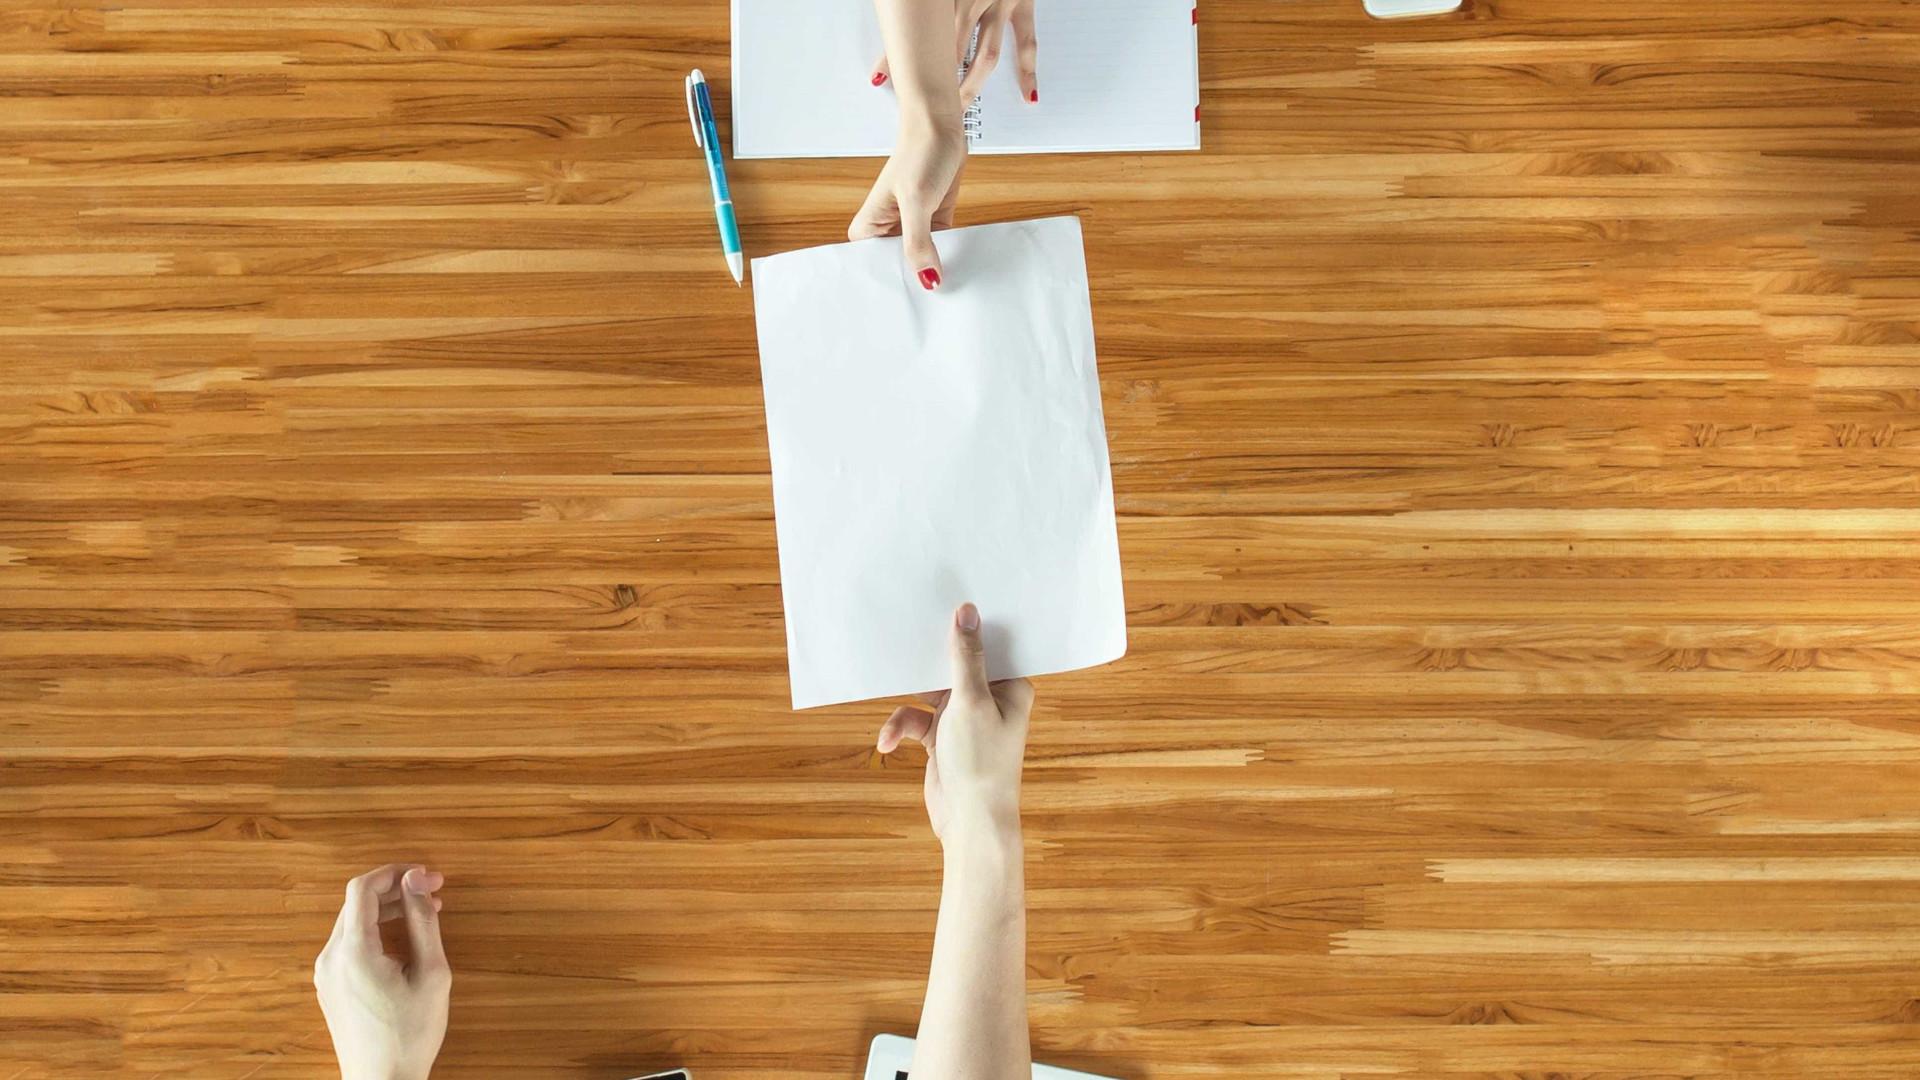 Está à procura emprego? Sete dicas para se manter ativo e otimista